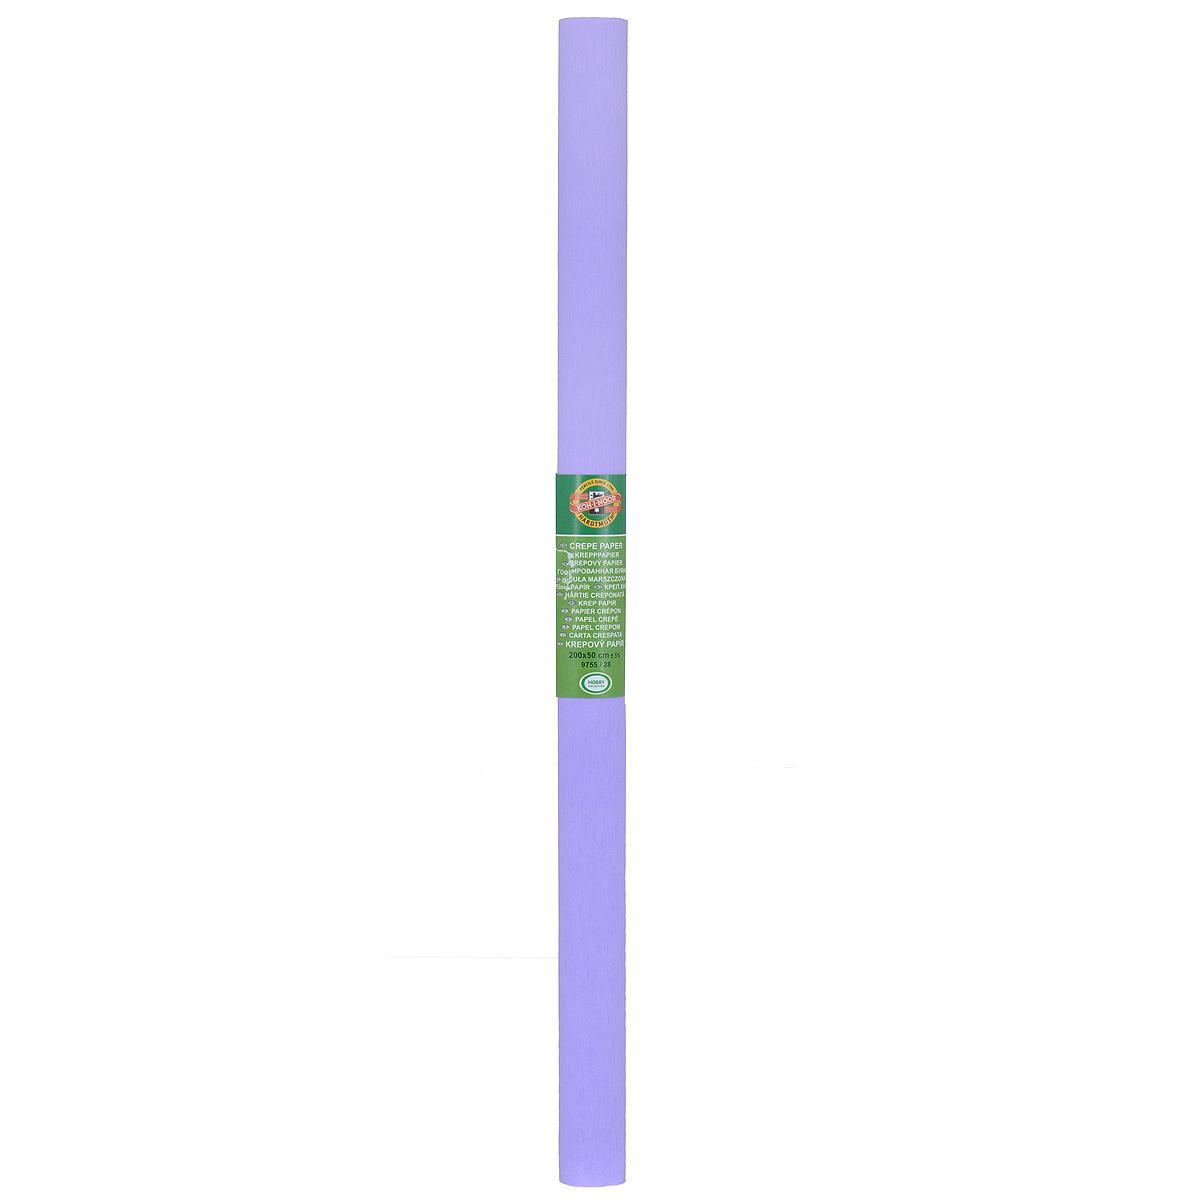 Бумага гофрированная Koh-I-Noor, цвет: сиреневый, 50 см x 2 м9755/28Гофрированная бумага Koh-I-Noor - прекрасный материал для декорирования, изготовления эффектной упаковки и различных поделок. Бумага прекрасно держит форму, не пачкает руки, отлично крепится и замечательно подходит для изготовления праздничной упаковки для цветов.